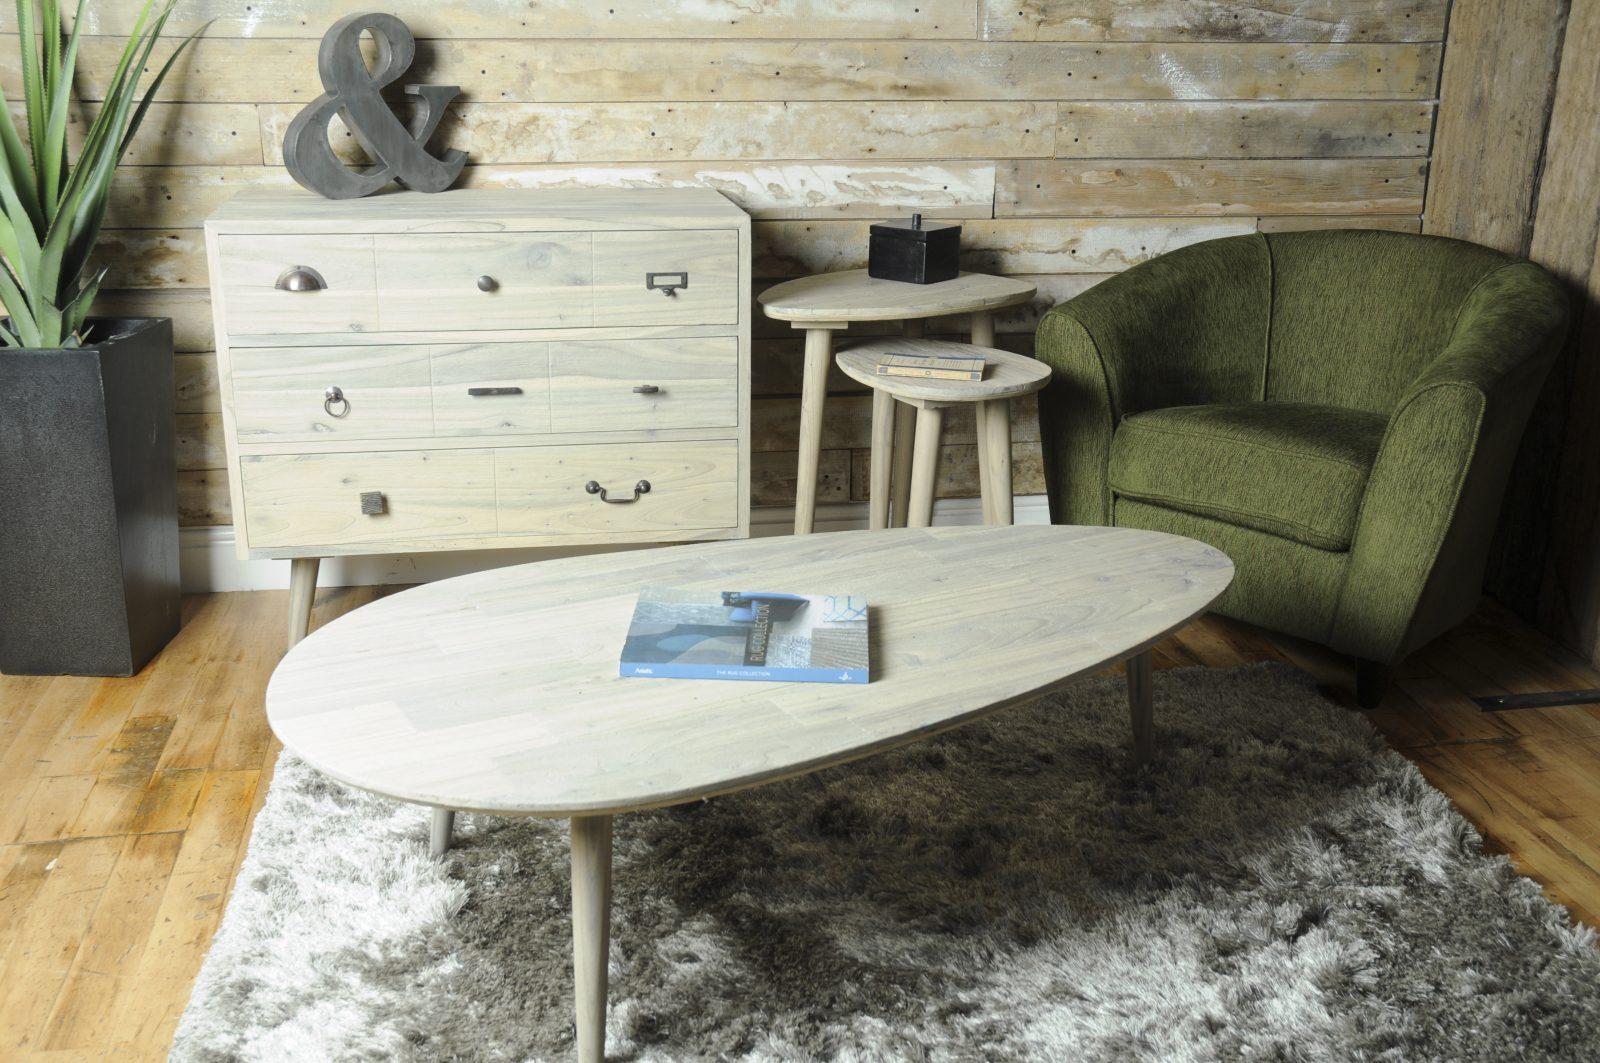 Bluebone-coffee-table-james-erskine.jpg